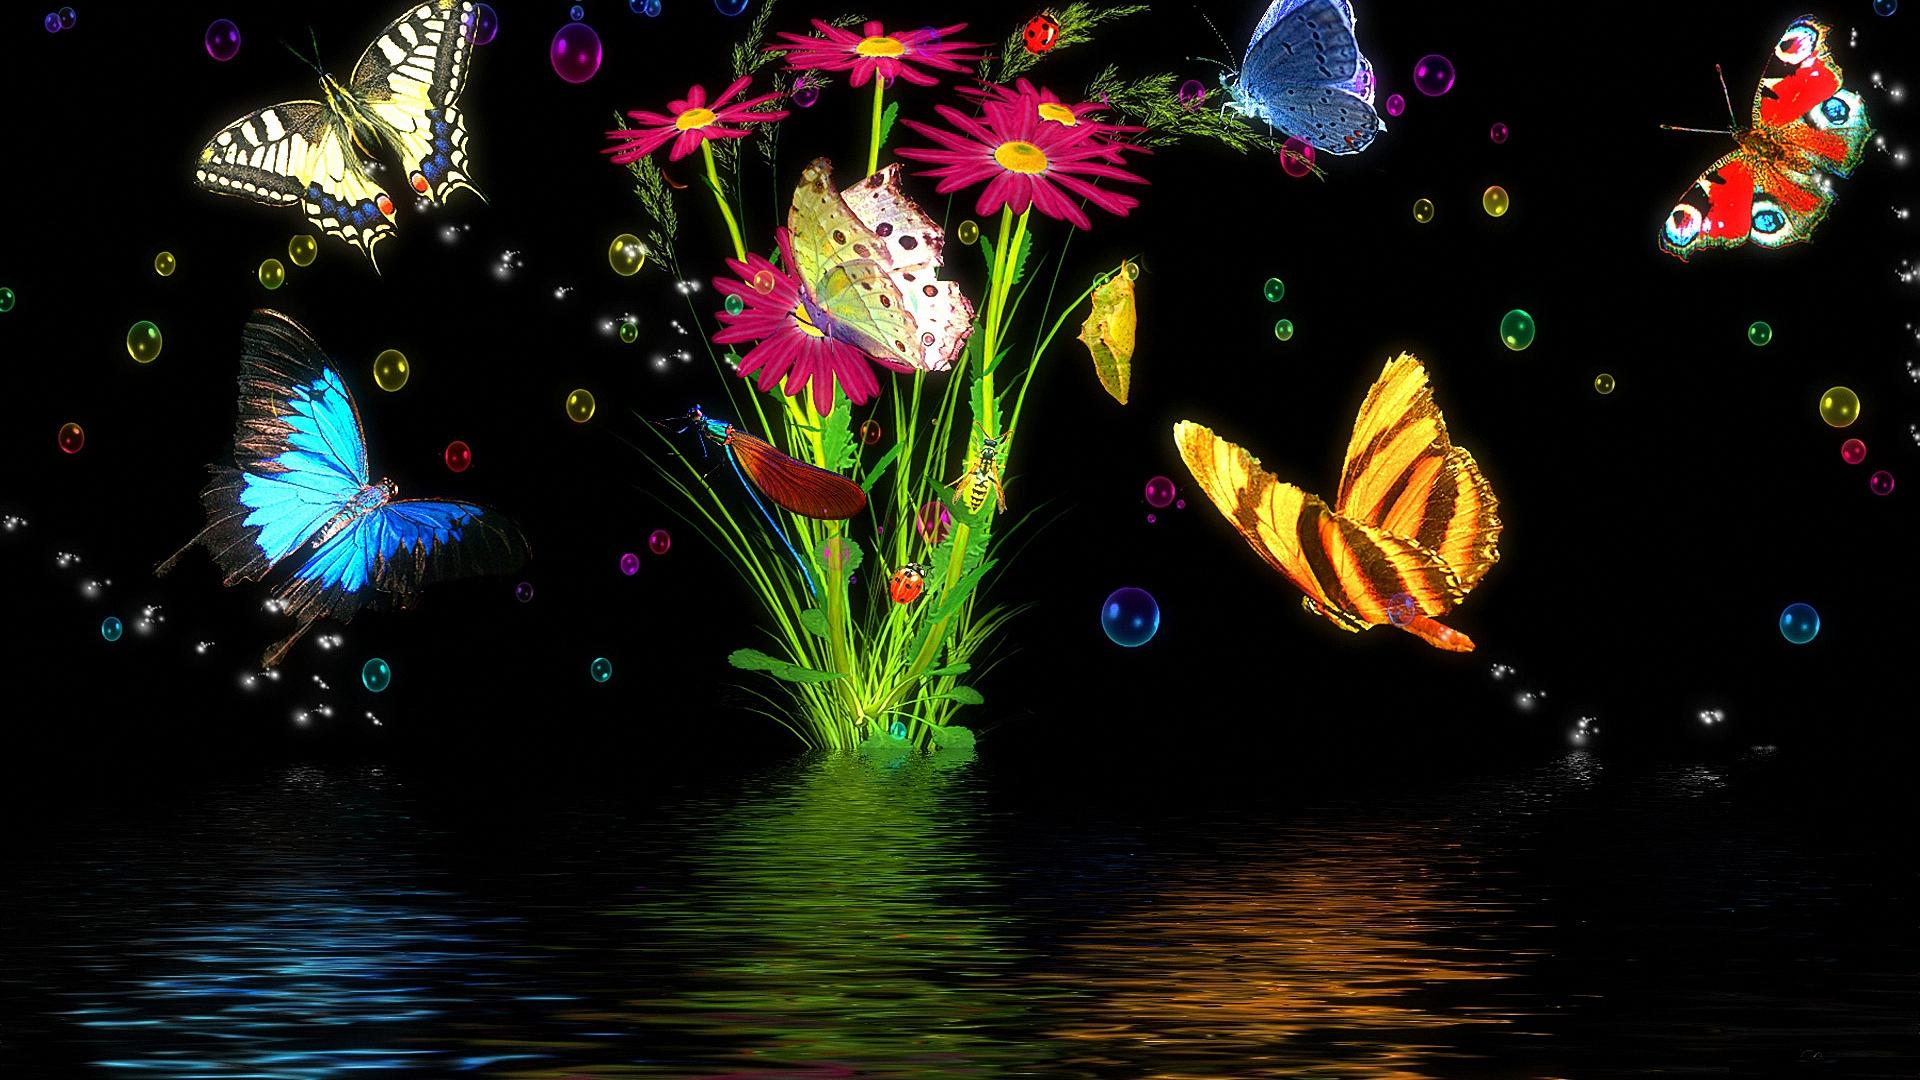 壁紙 1920x1080 蝴蝶 動物 下载 照片